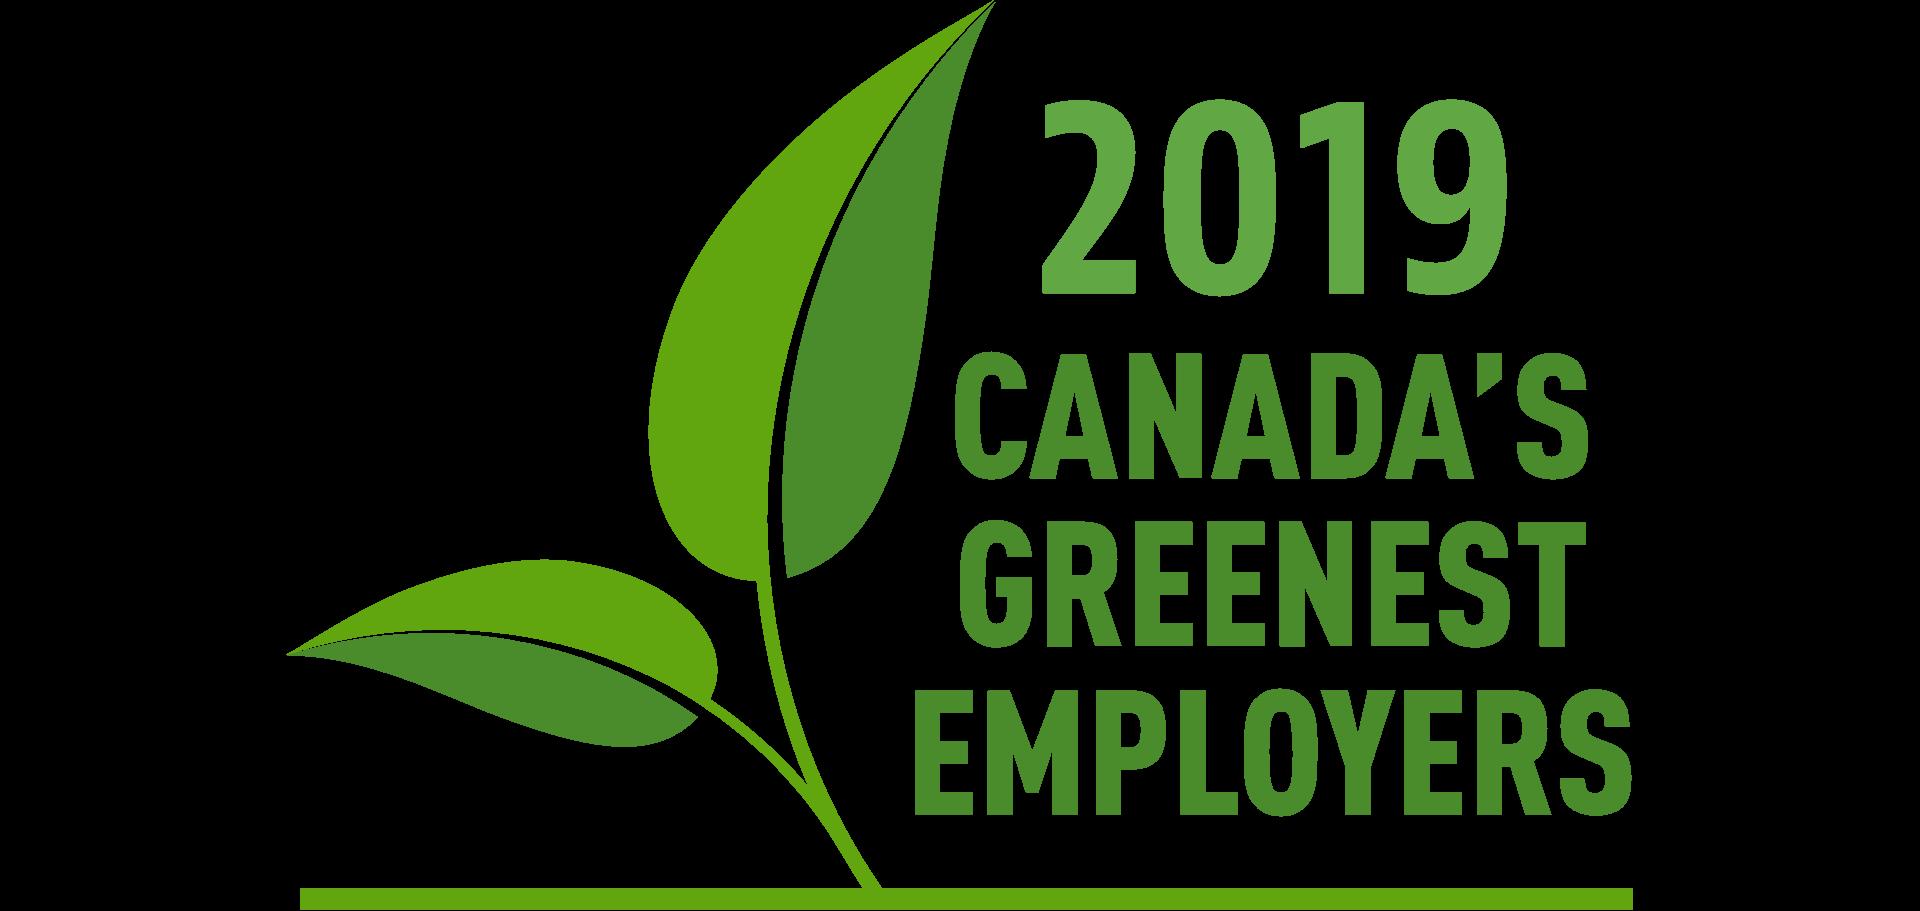 Canada's Greenest Employers logo written in green